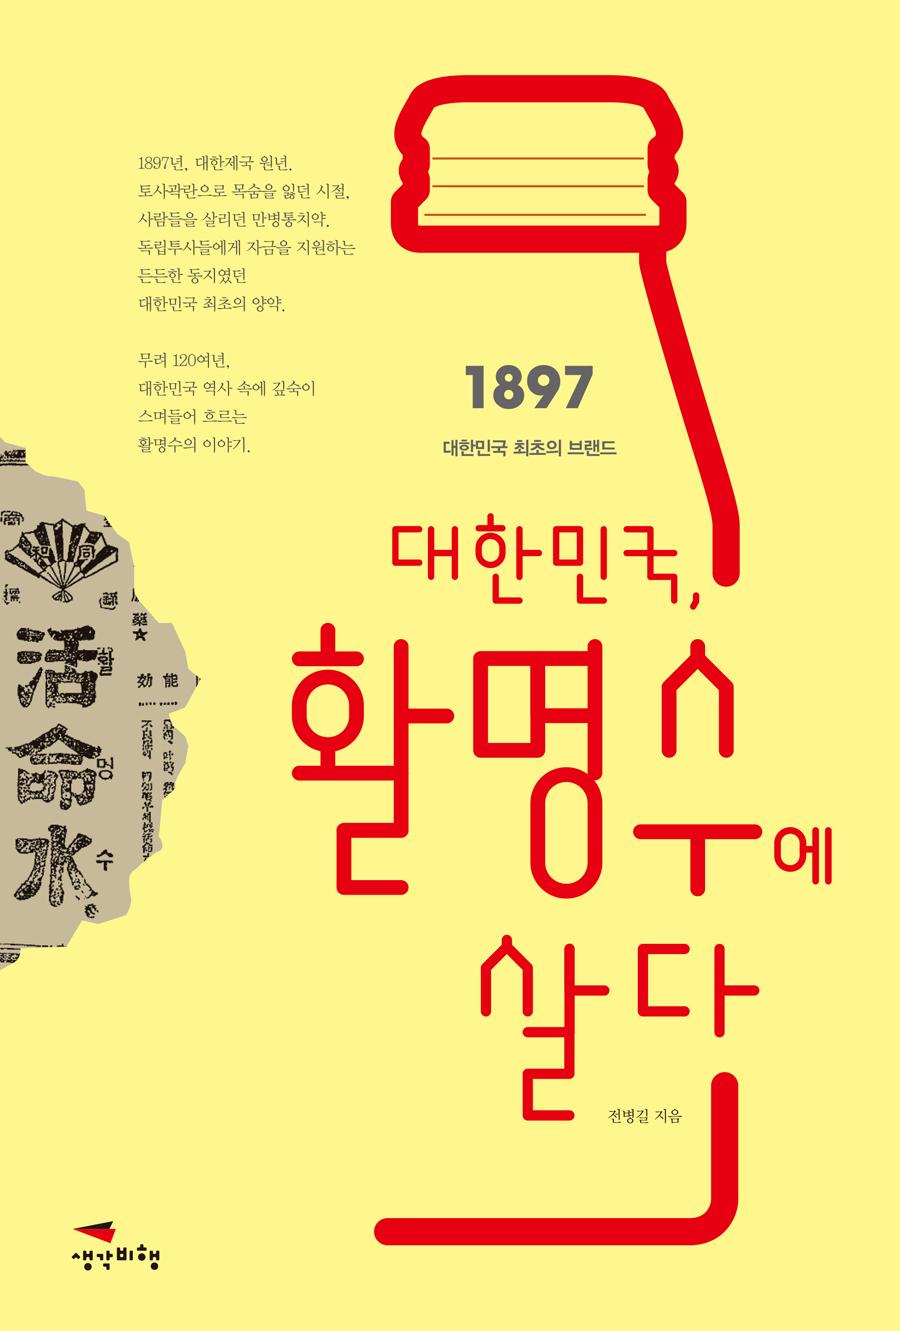 대한민국 활명수